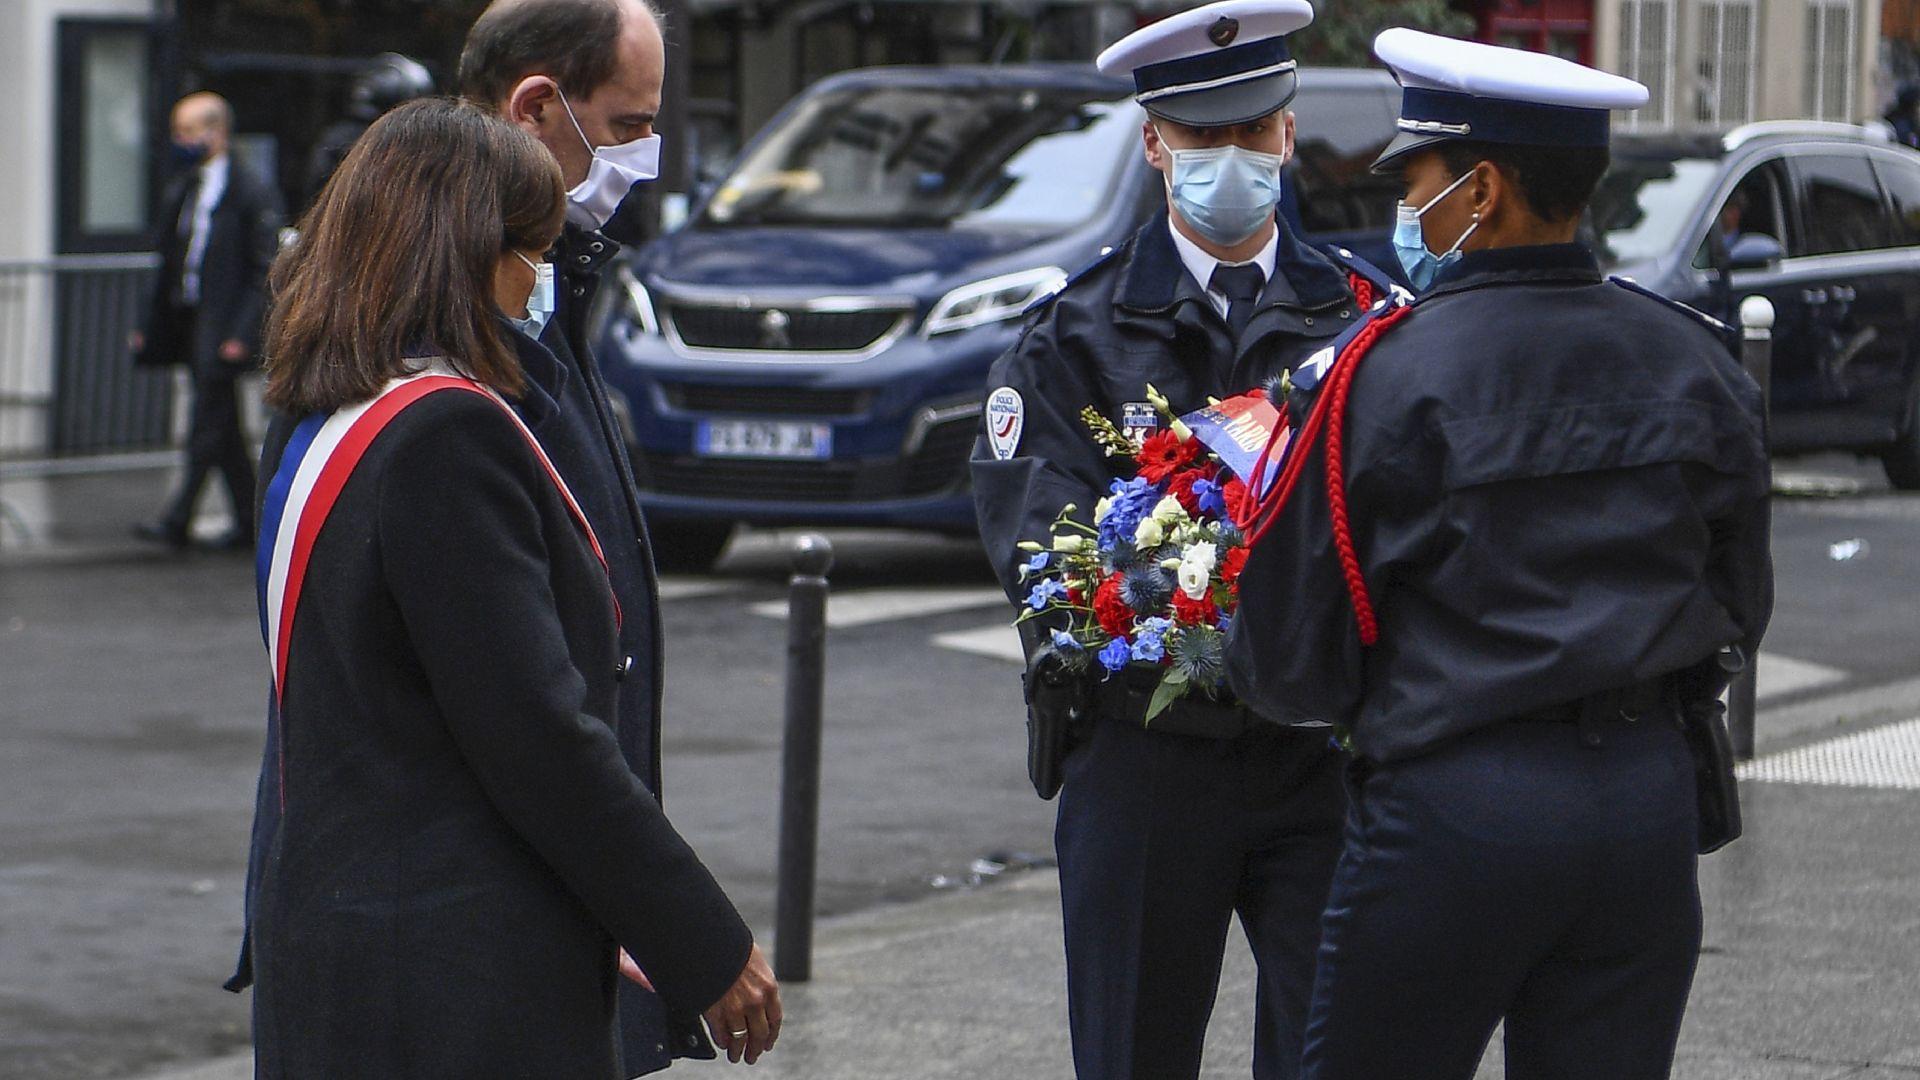 5 г. от най-кървавия терор в Париж: Франция почита жертвите (снимки и видео)